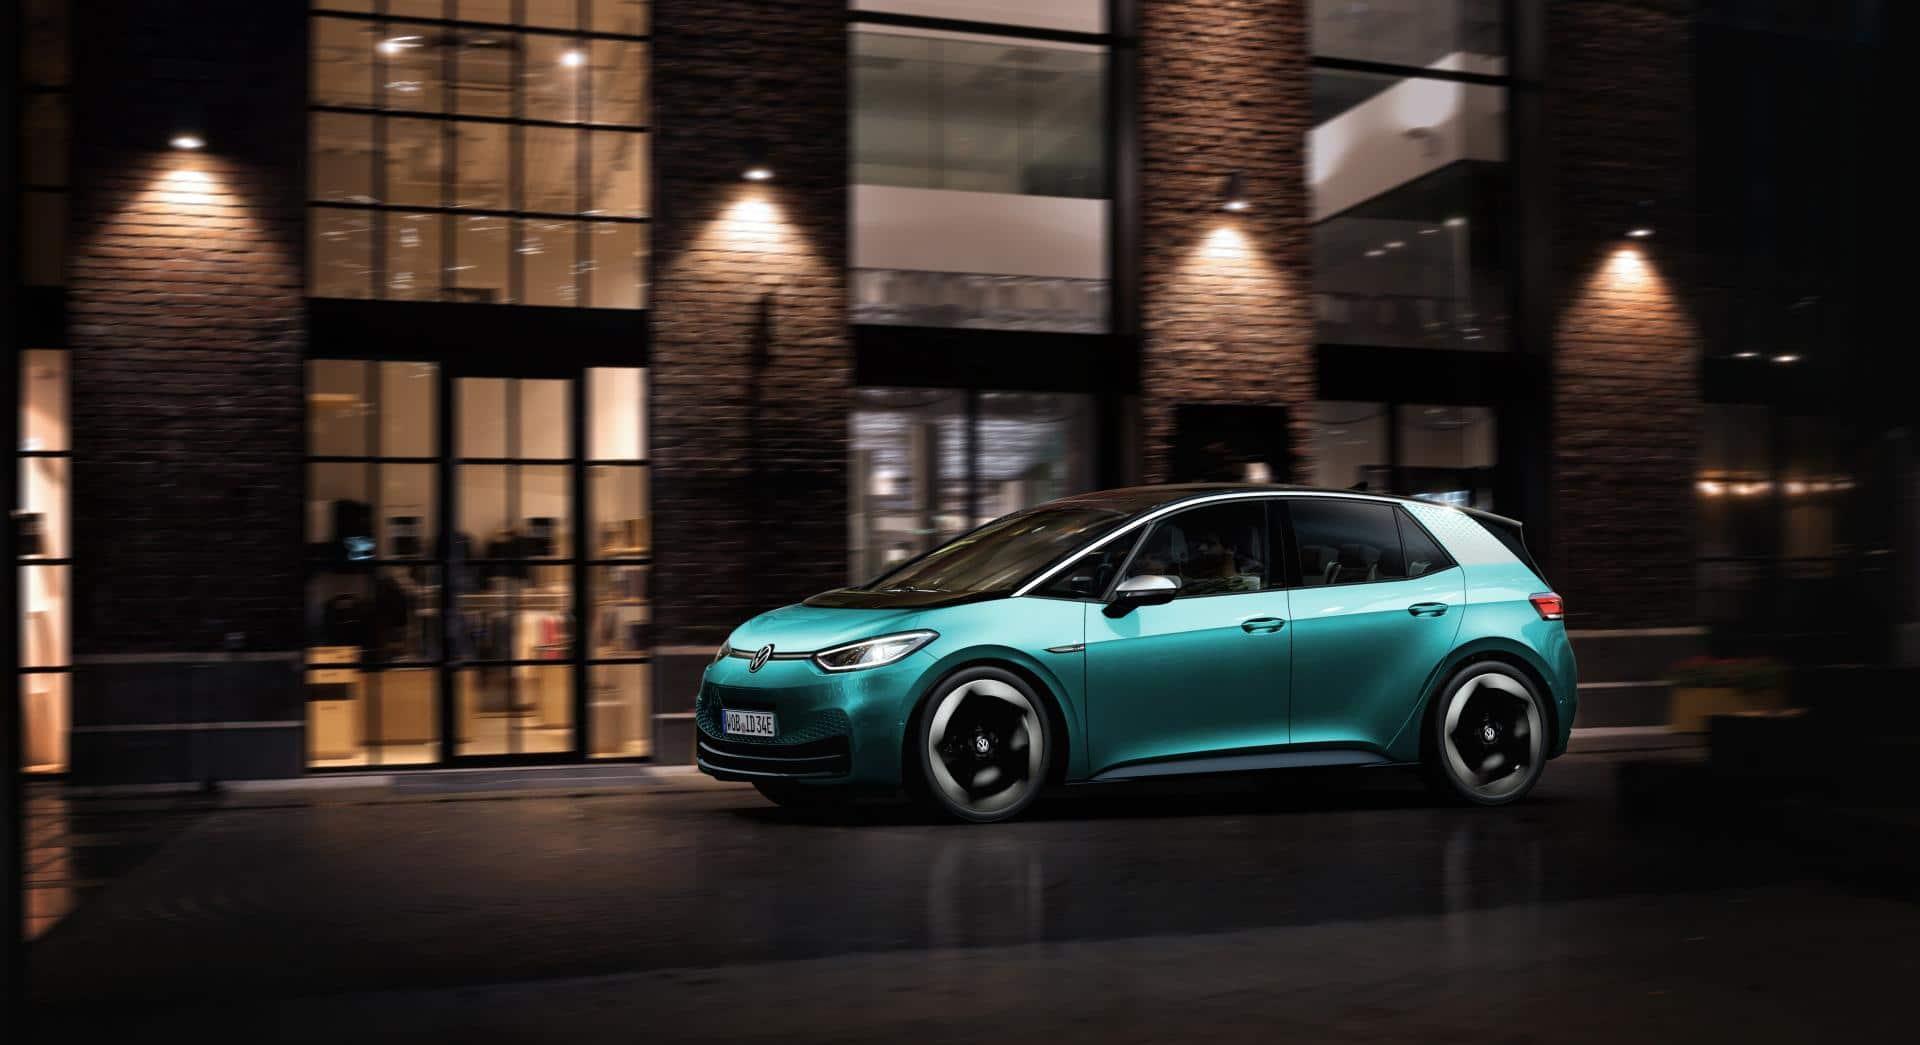 VW führt neues Vertriebsmodell für ID.-Elektroautos ein